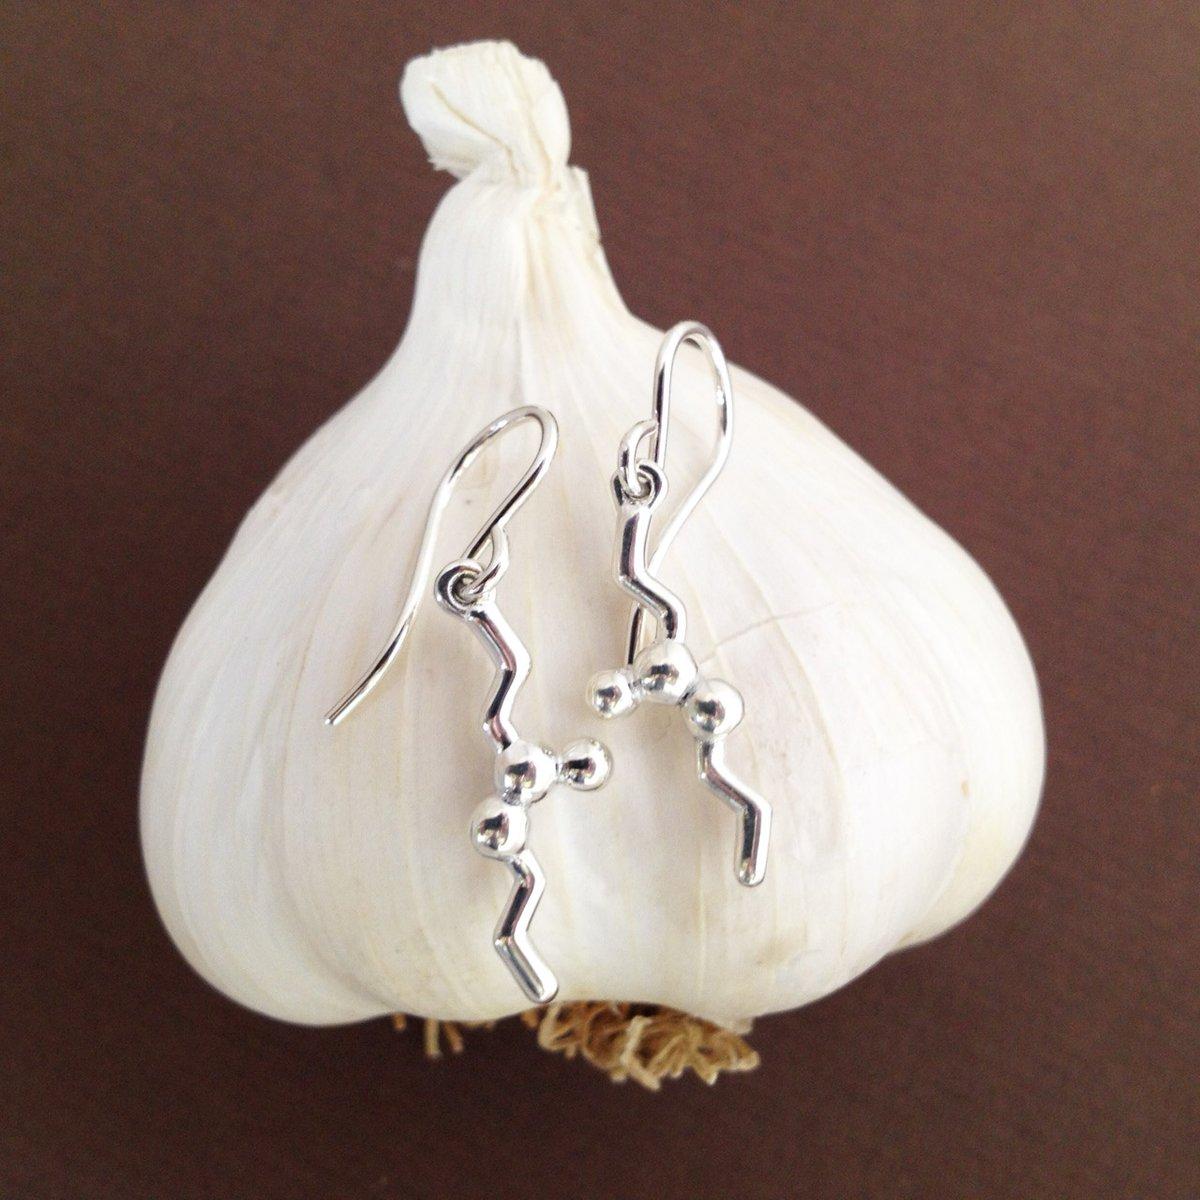 Image of allicin earrings